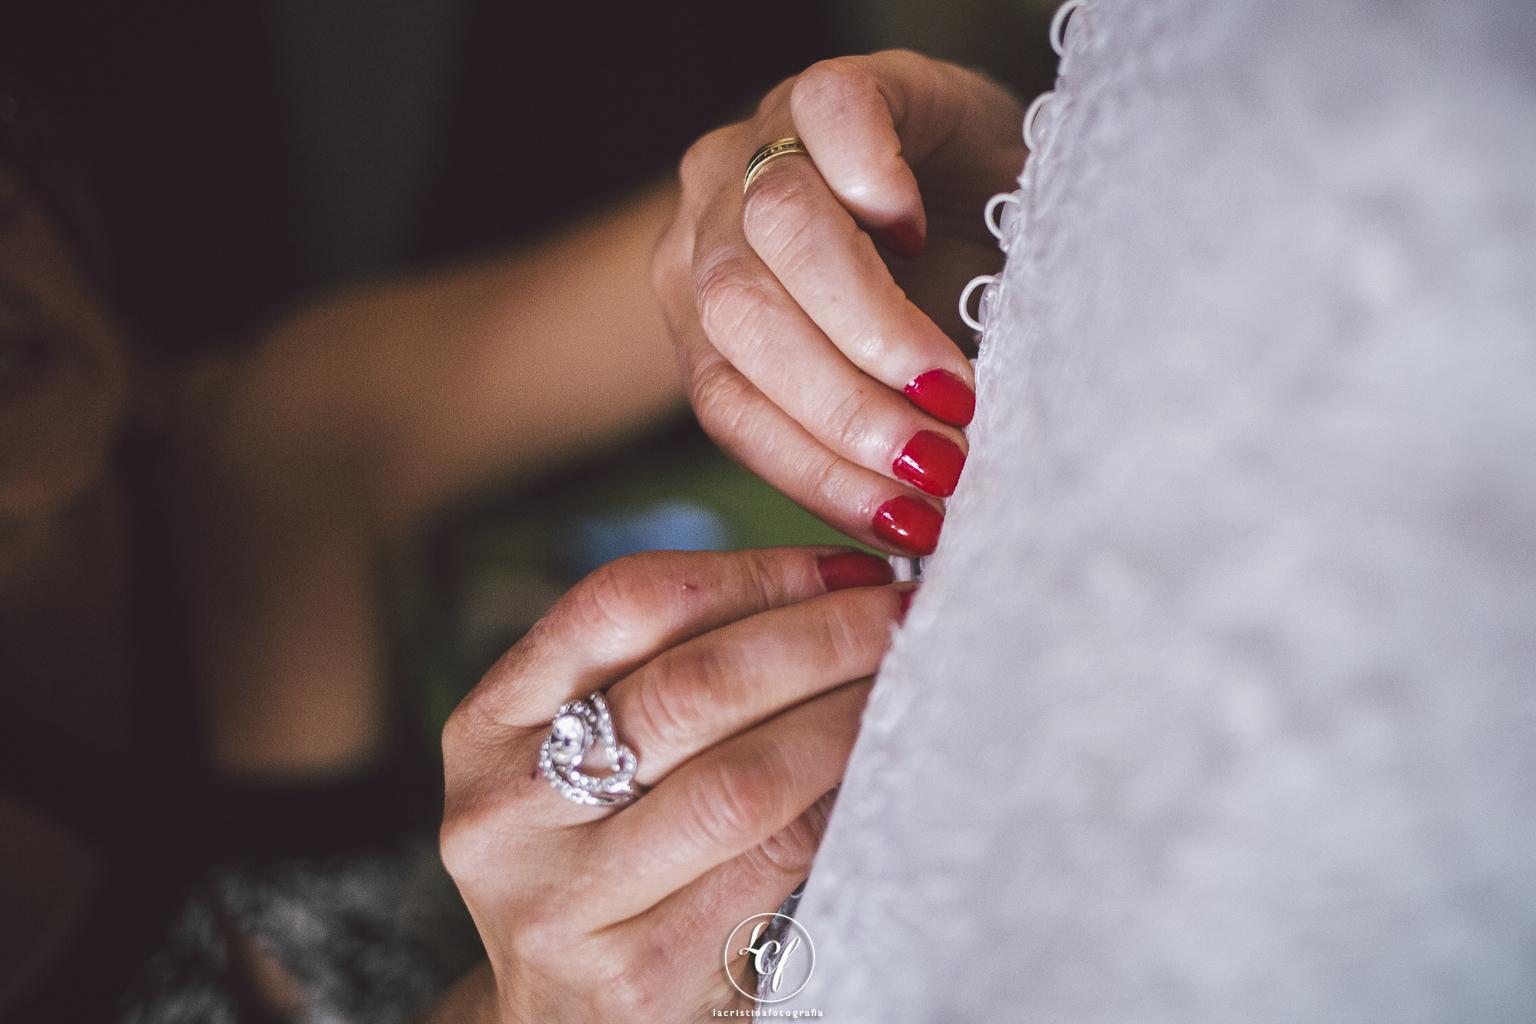 fotógrafo de boda :: fotografía de boda :: fotógrado de boda sant fost de can centelles :: el celler de can torrens :: bodas con encanto :: bodas en el campo